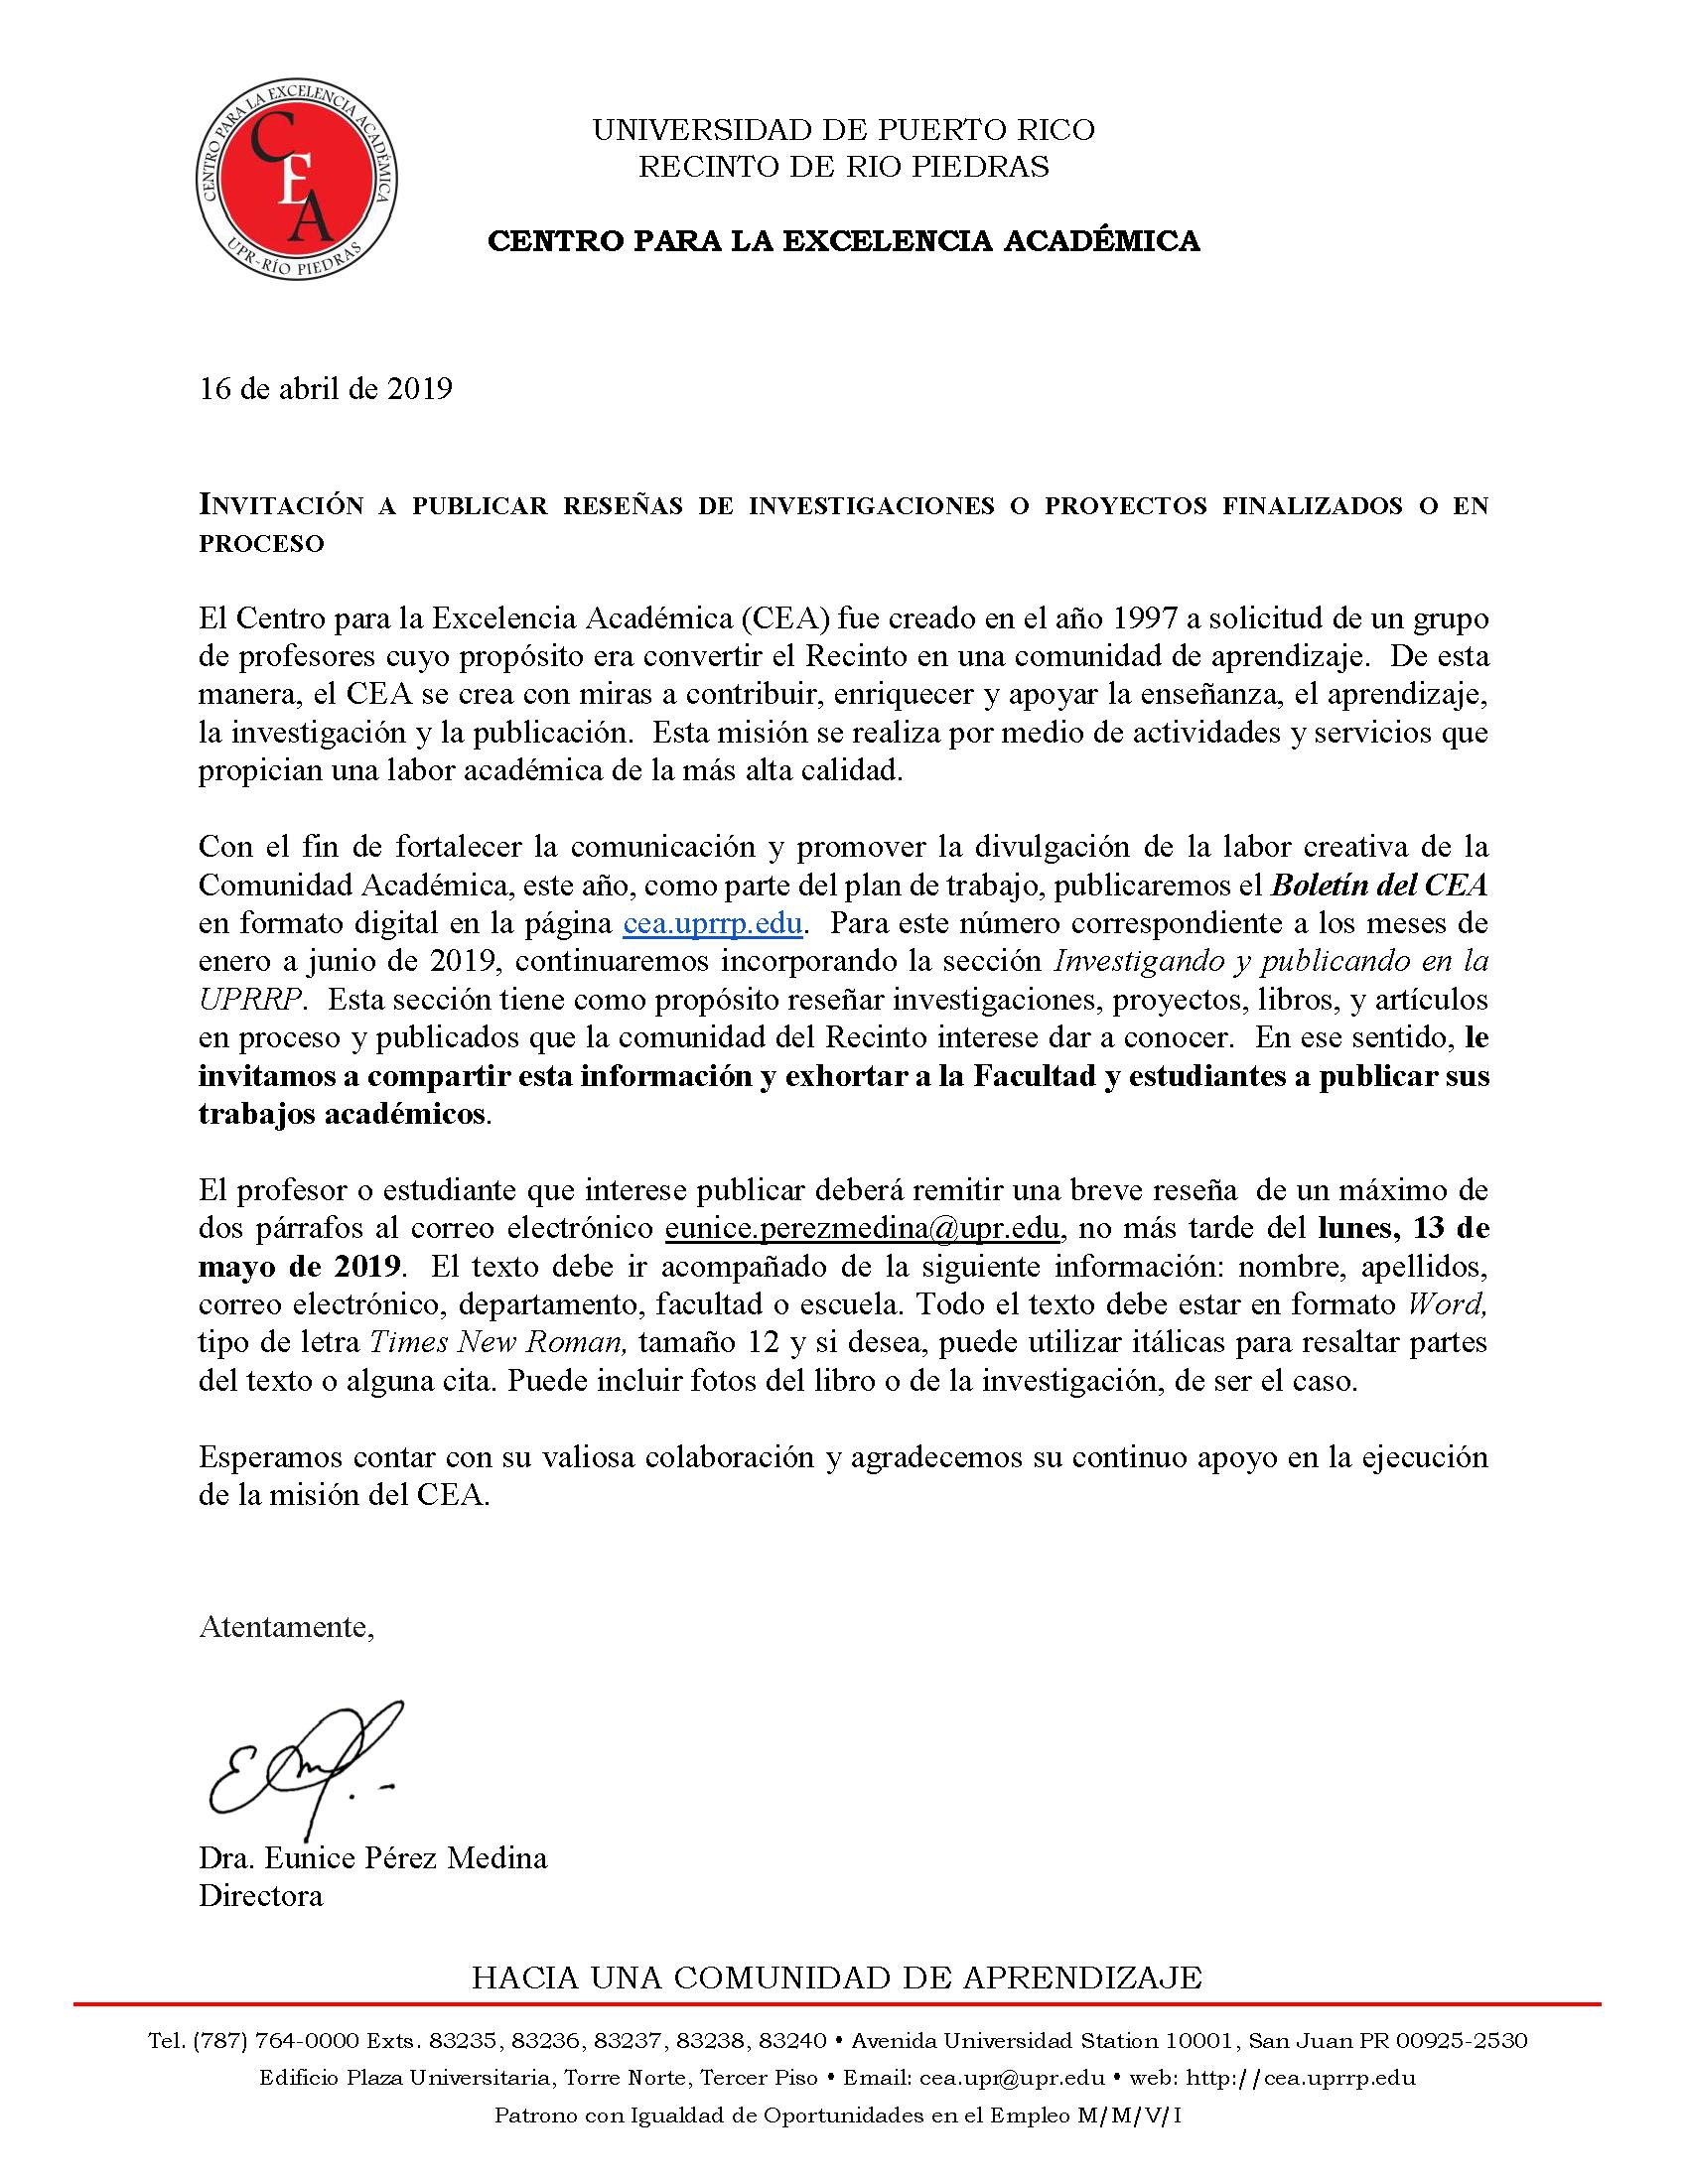 Carta de invitacion investigando